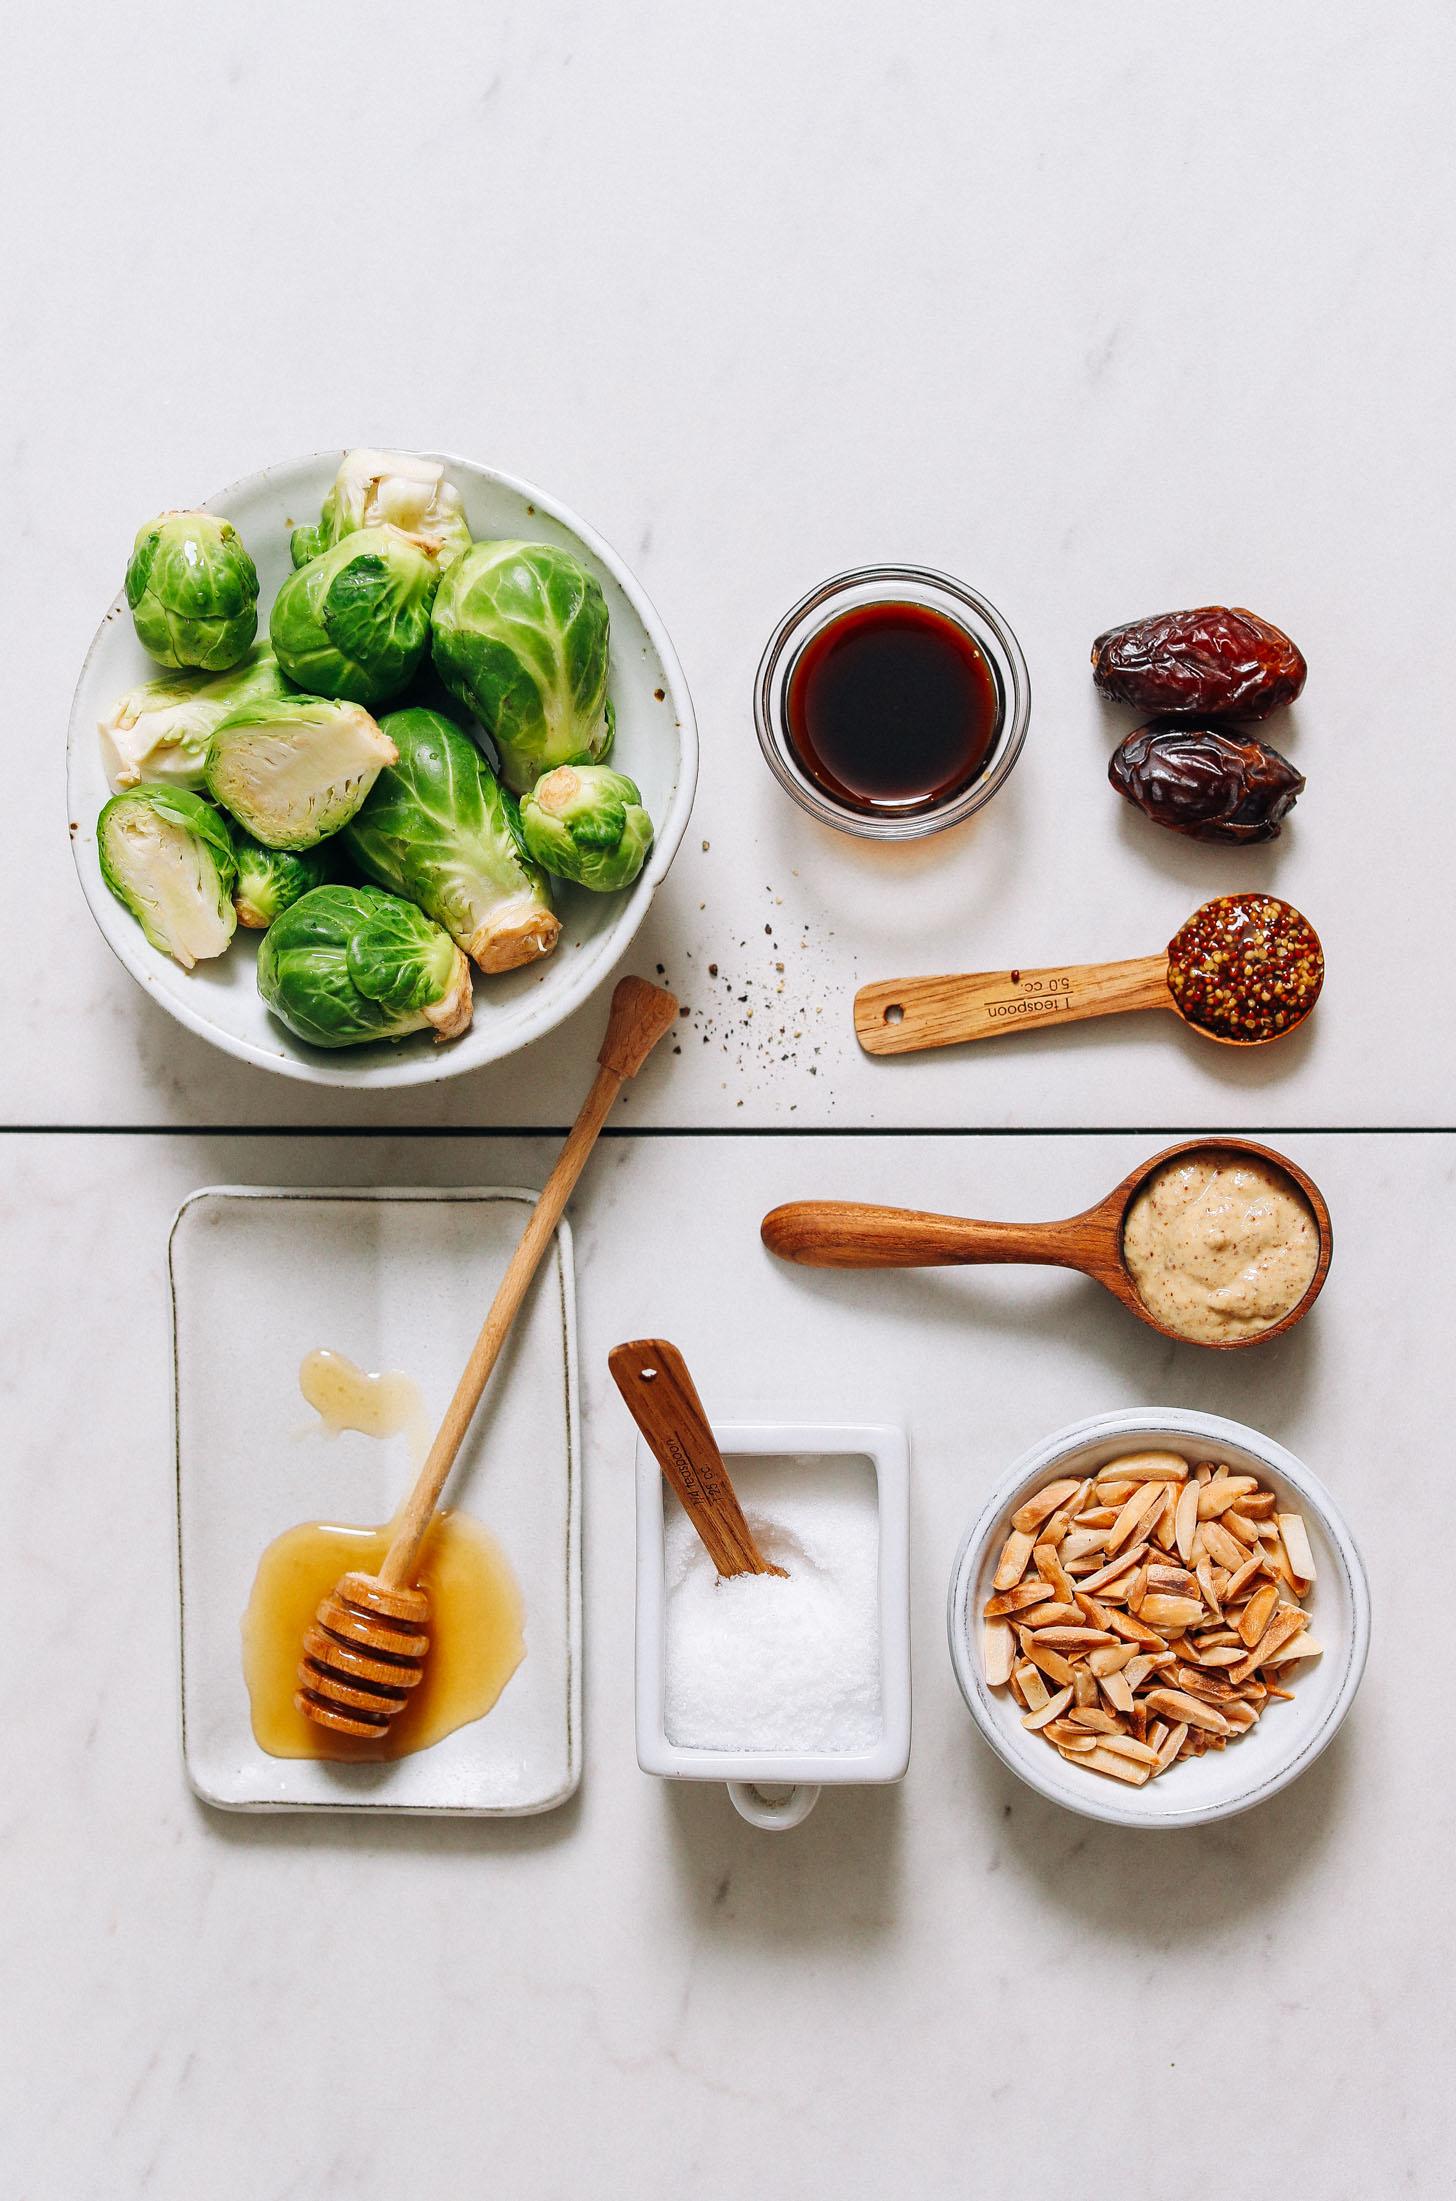 Couves de Bruxelas, aminoácidos de coco, mostarda, mel, sal marinho, amêndoas e tâmaras